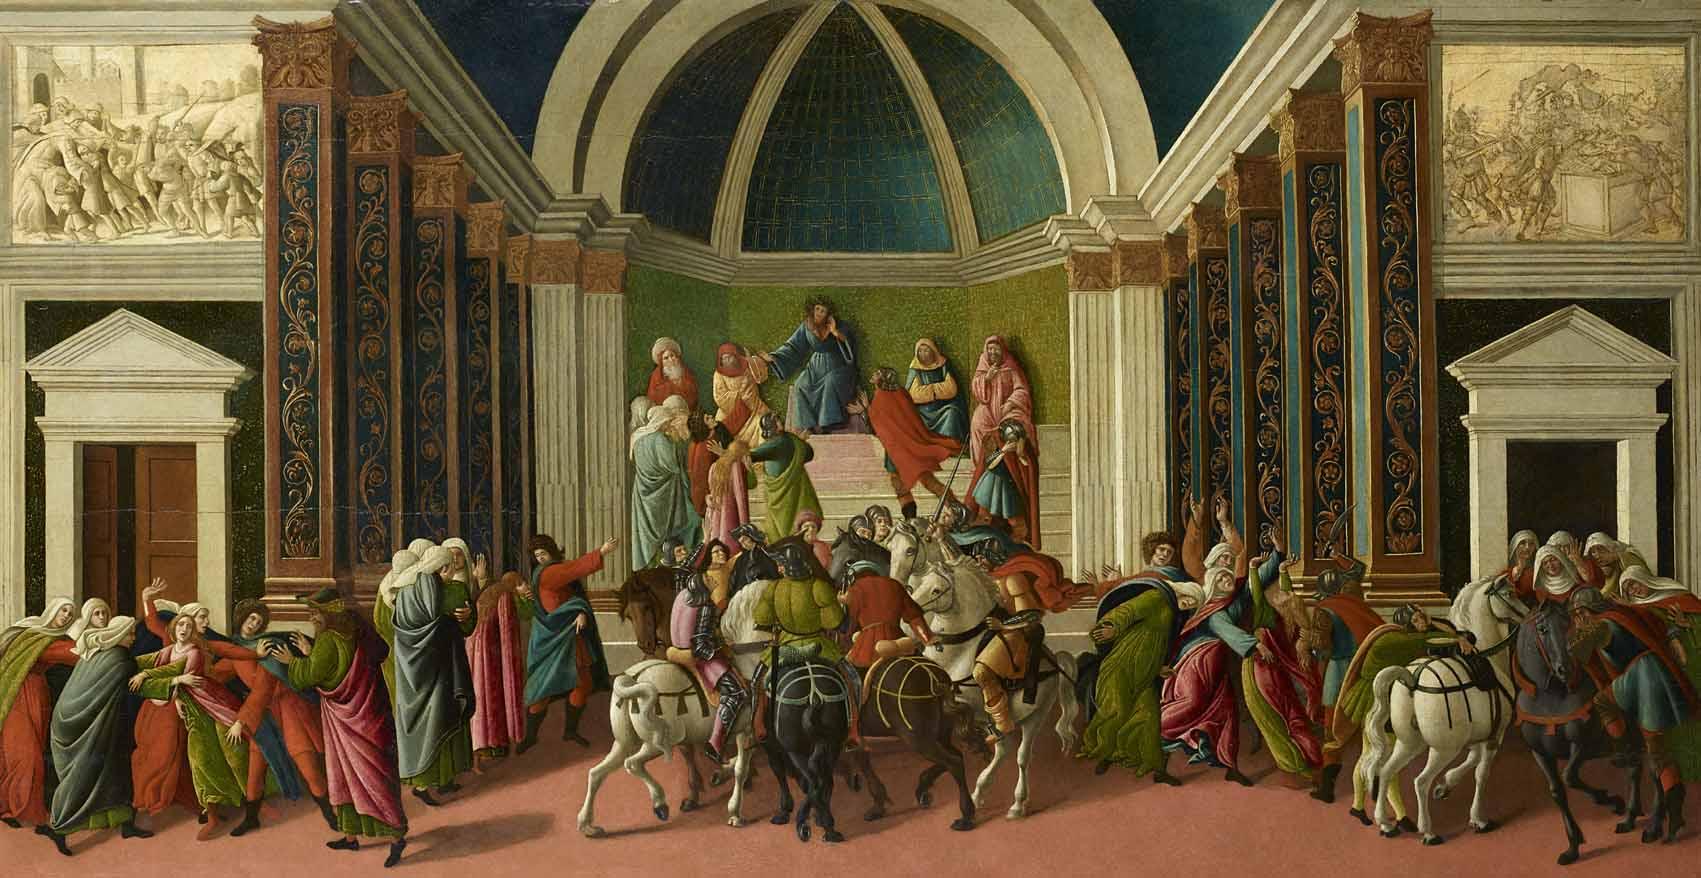 Las heroínas de Sandro Botticelli desde una perspectiva de género Artes & contextos Storia di Virginia h1505